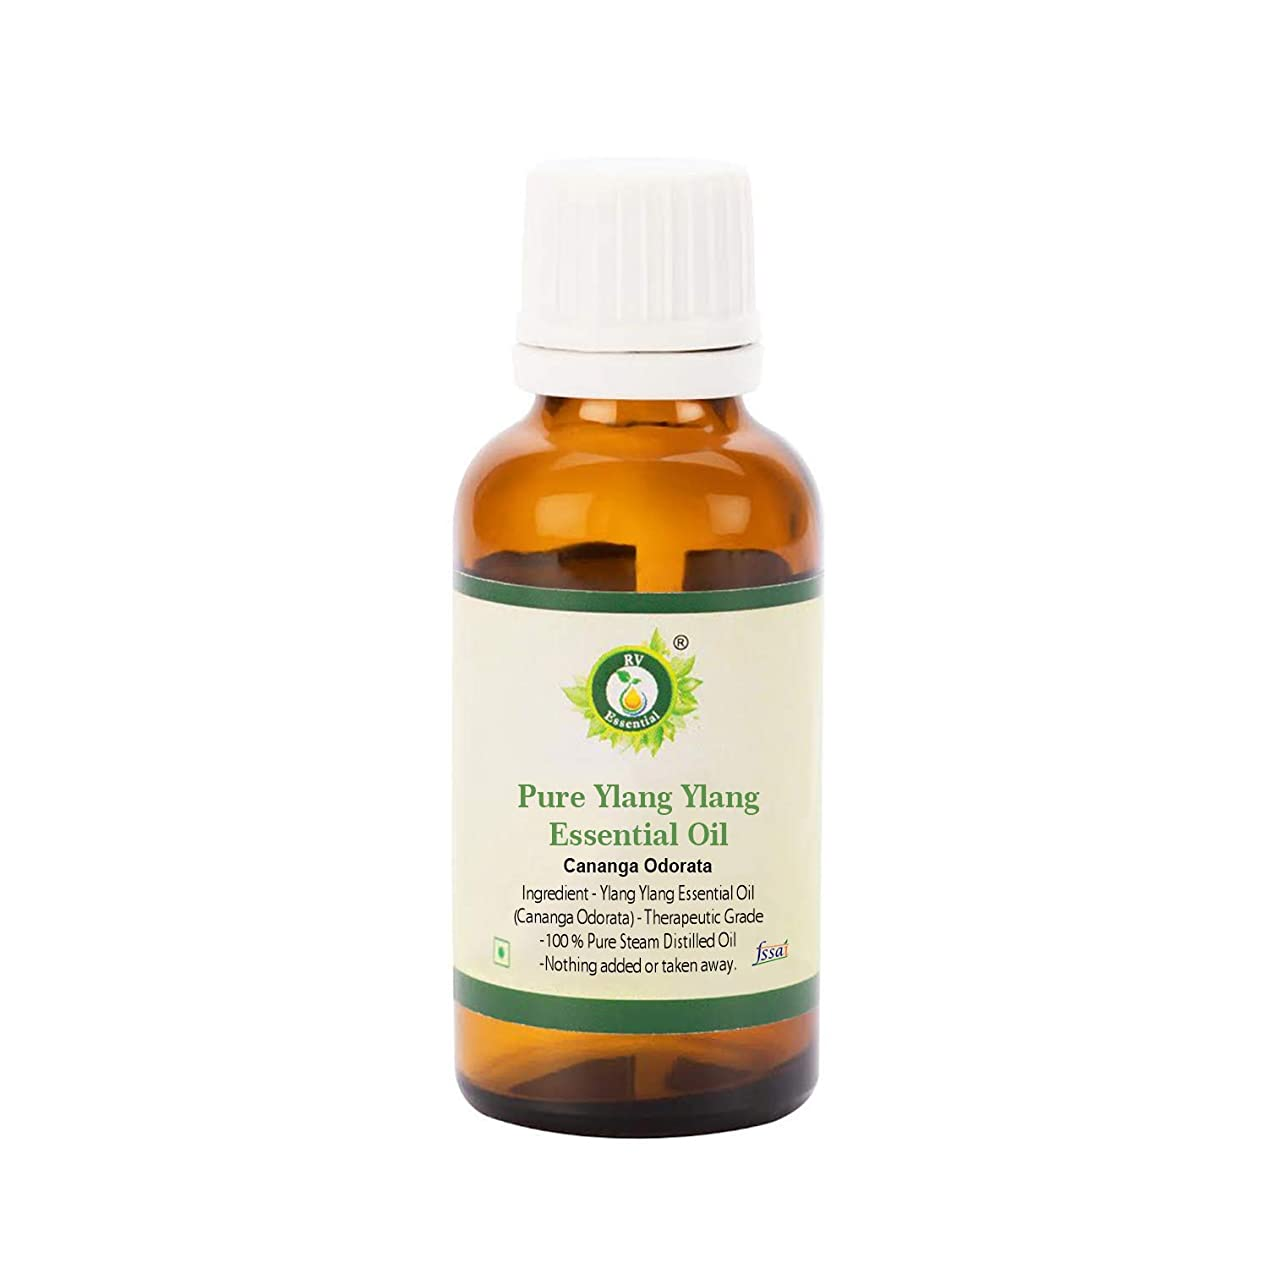 ネブ作動する見習いR V Essential ピュアイランイランエッセンシャルオイル10ml (0.338oz)- Cananga Odorata (100%純粋&天然スチームDistilled) Pure Ylang Ylang Essential Oil